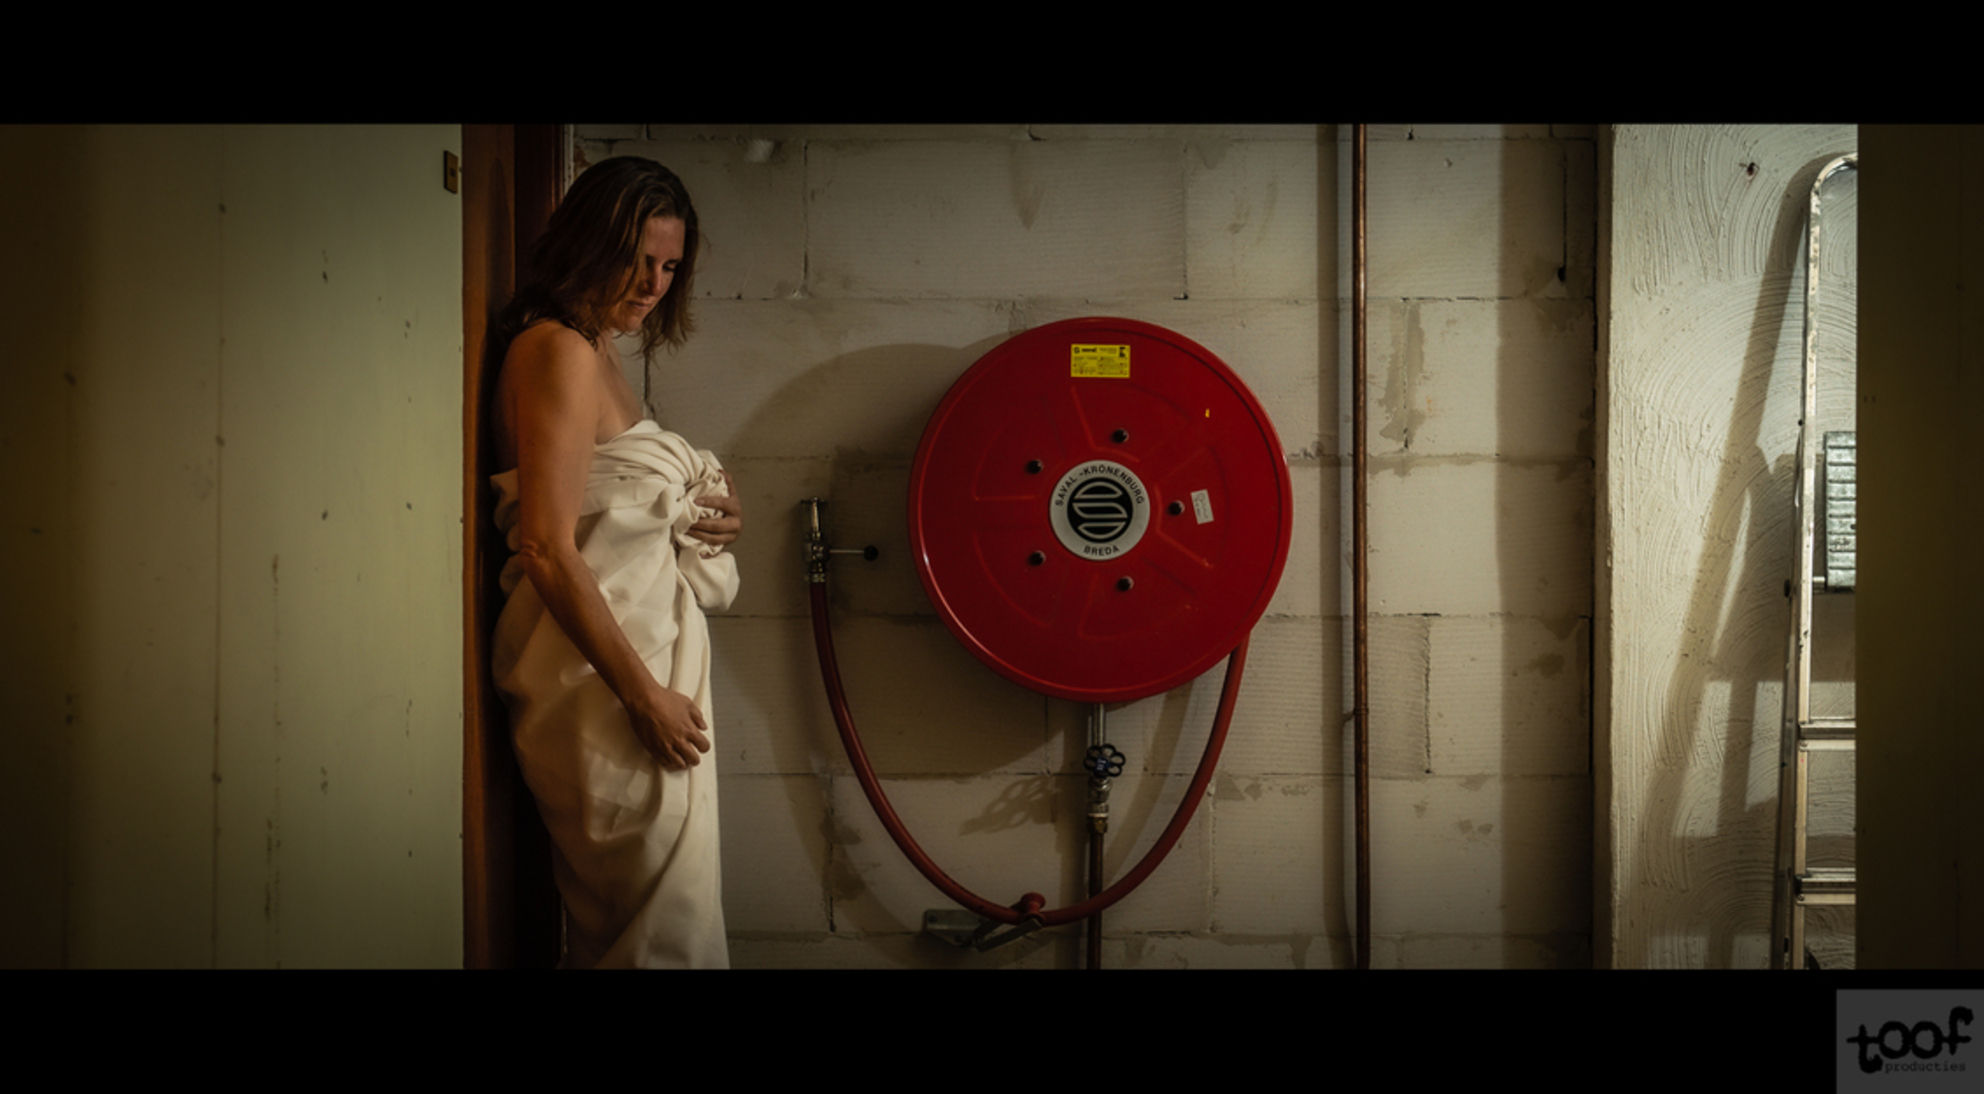 Emergency call - - - foto door toof op 01-12-2019 - deze foto bevat: vrouw, licht, portret, schaduw, flits, nikon, erotiek, naakt, emotie, still, fotoshoot, flitser, laken, boudoir, cinematic, d750